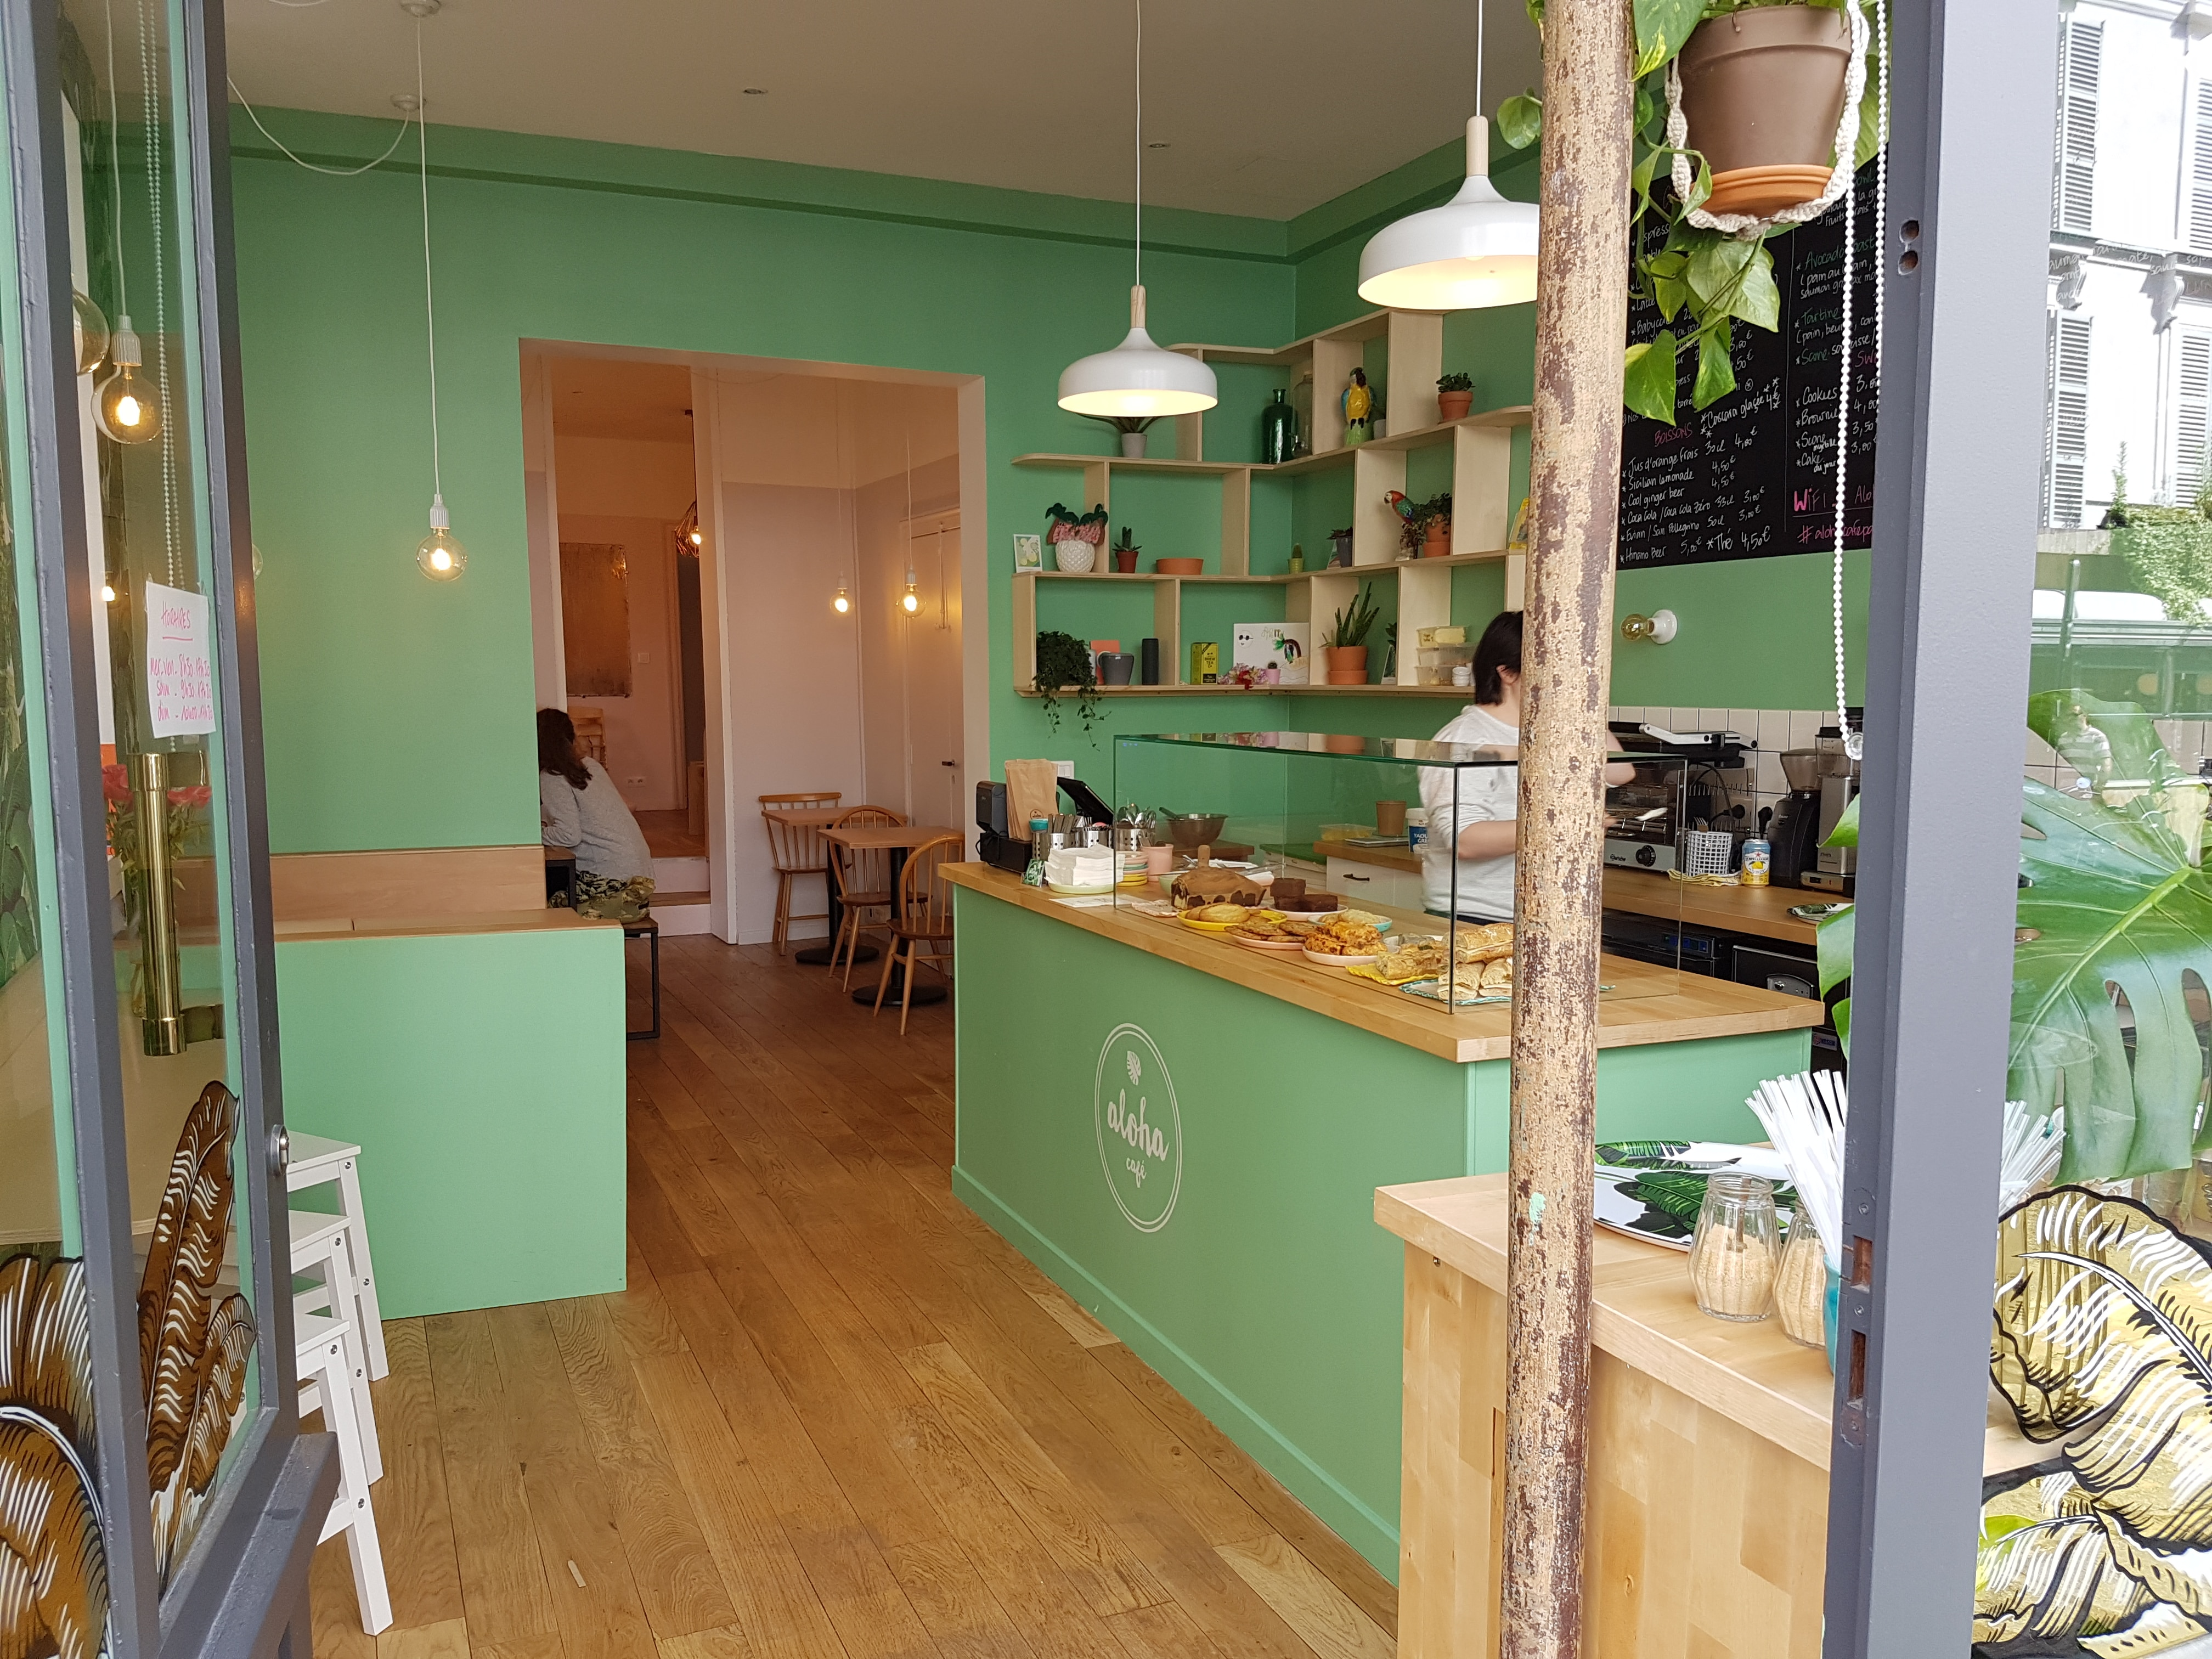 Rénovation d'un lieu prisé de paris, le aloha café